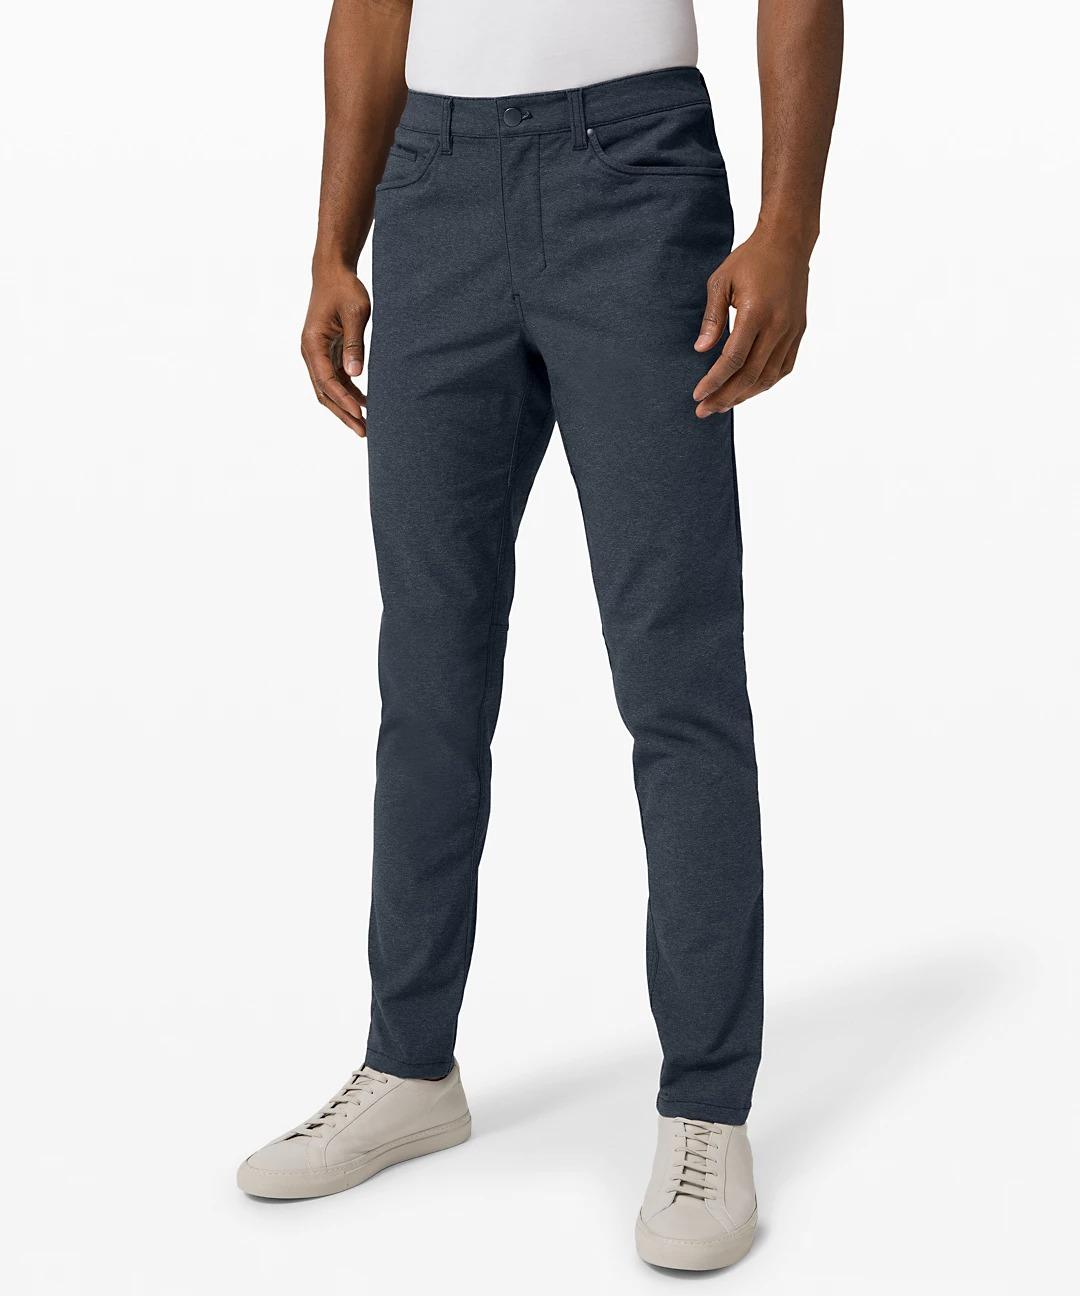 Lululemon black friday deals - ABC Tech Canvas Slim Pant (navy blue tech pant for men)